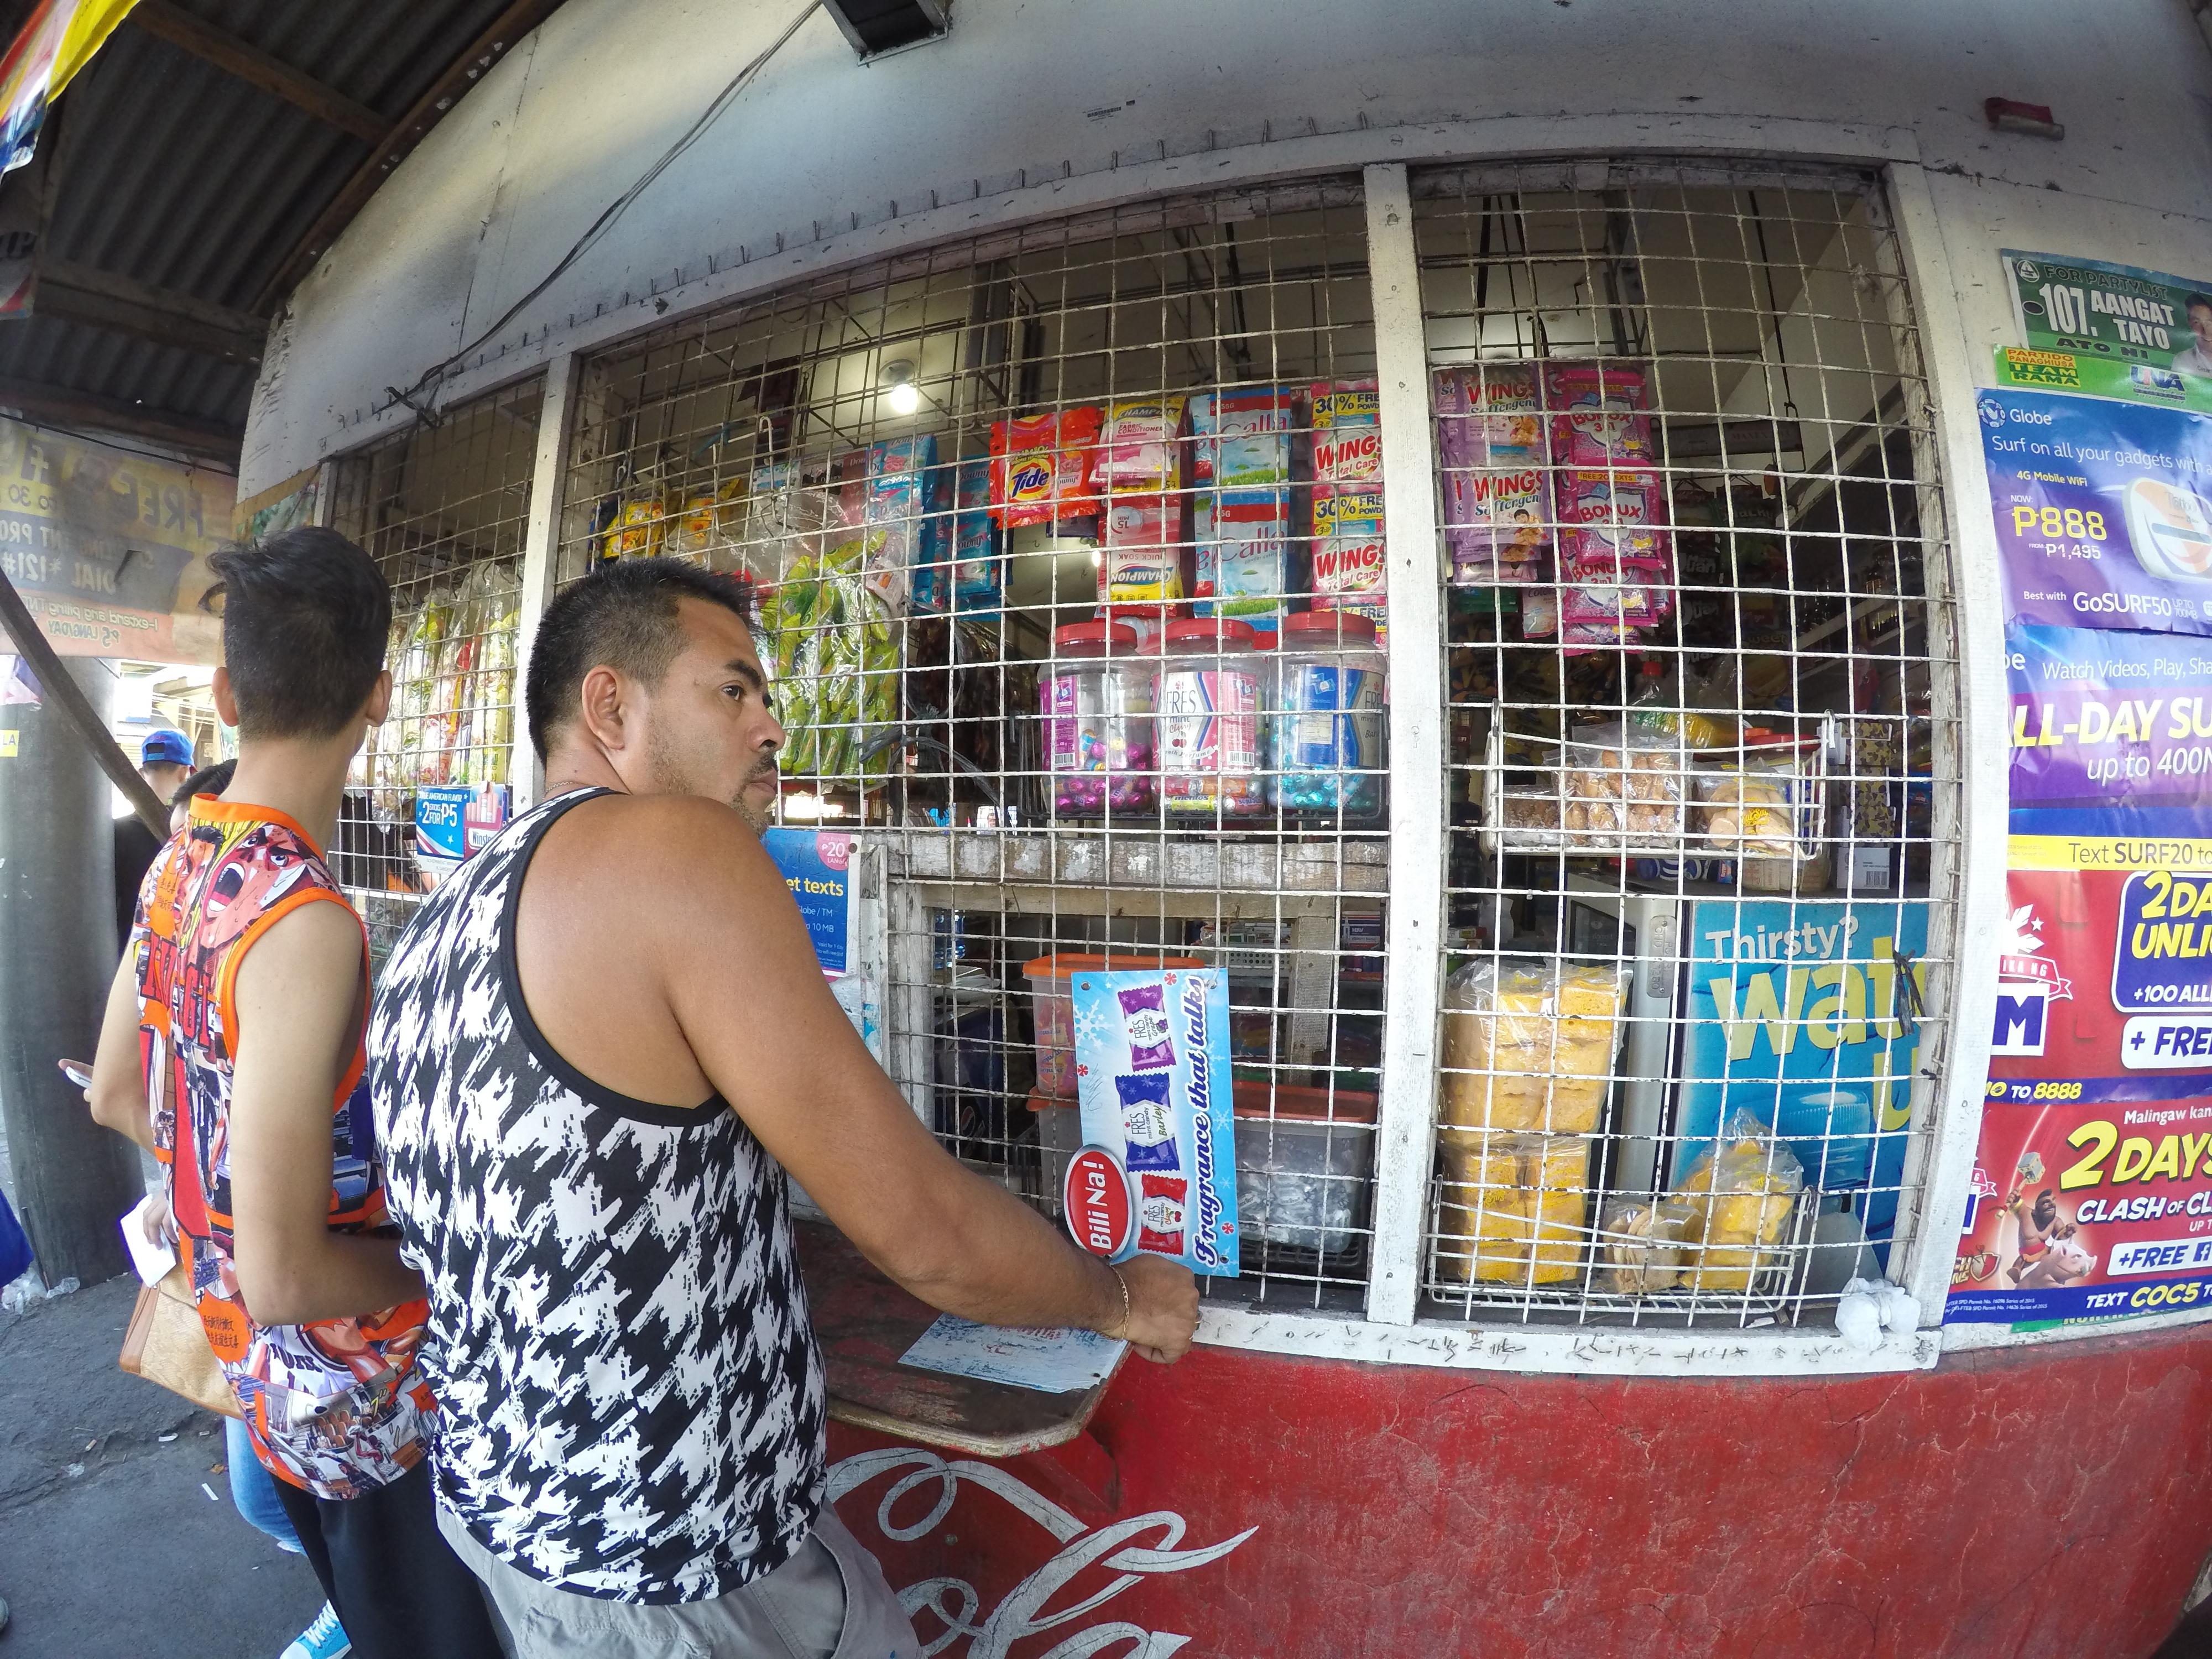 -菲律賓出發前須知-城市早已被評為東南亞最安全的城市之一